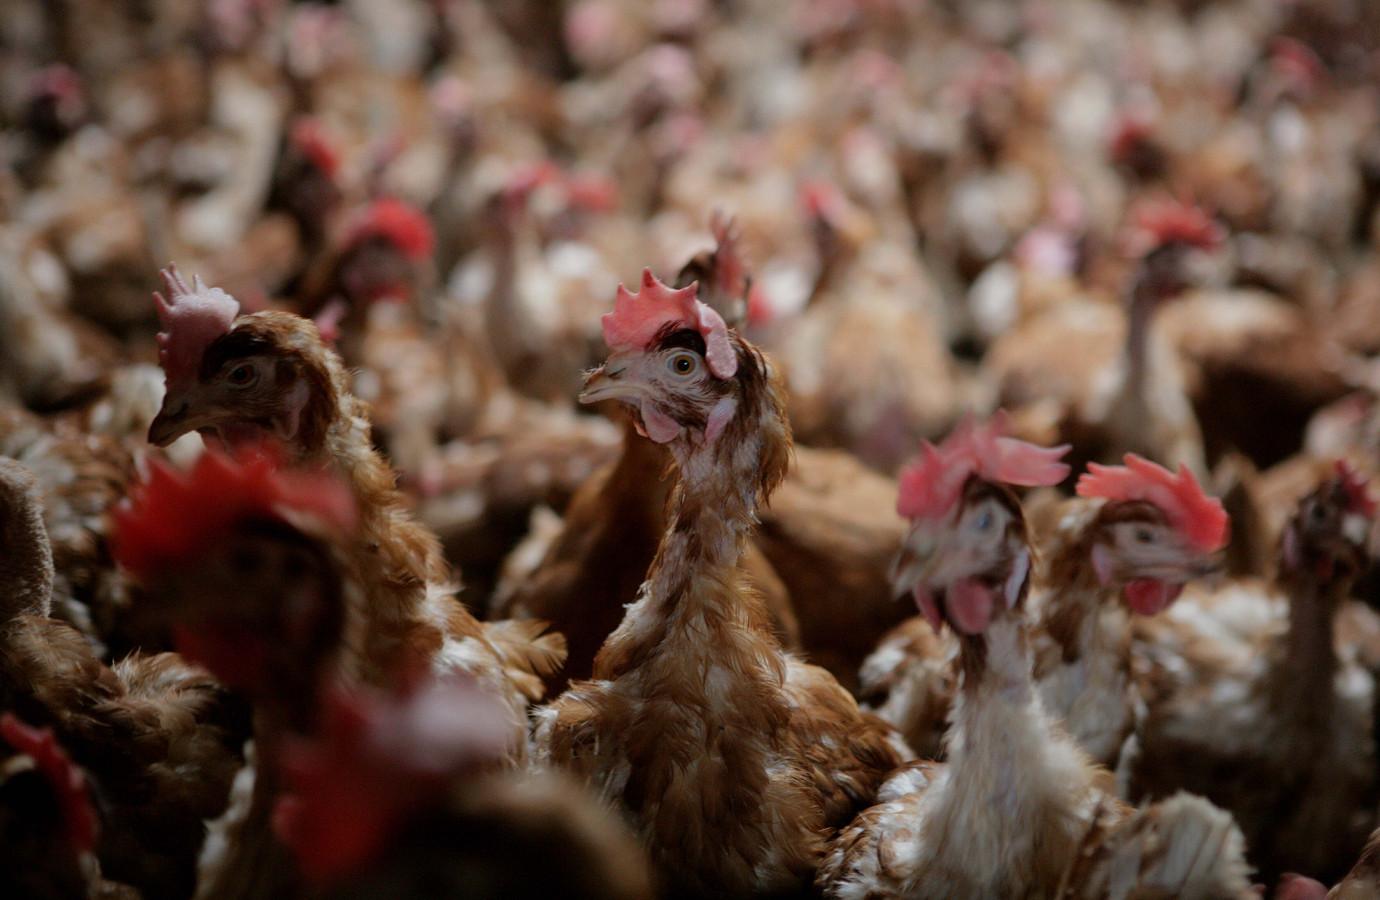 De kippen moeten sinds 23 oktober binnenblijven om de kans op besmetting met de vogelgriep zo minimaal mogelijk te houden.